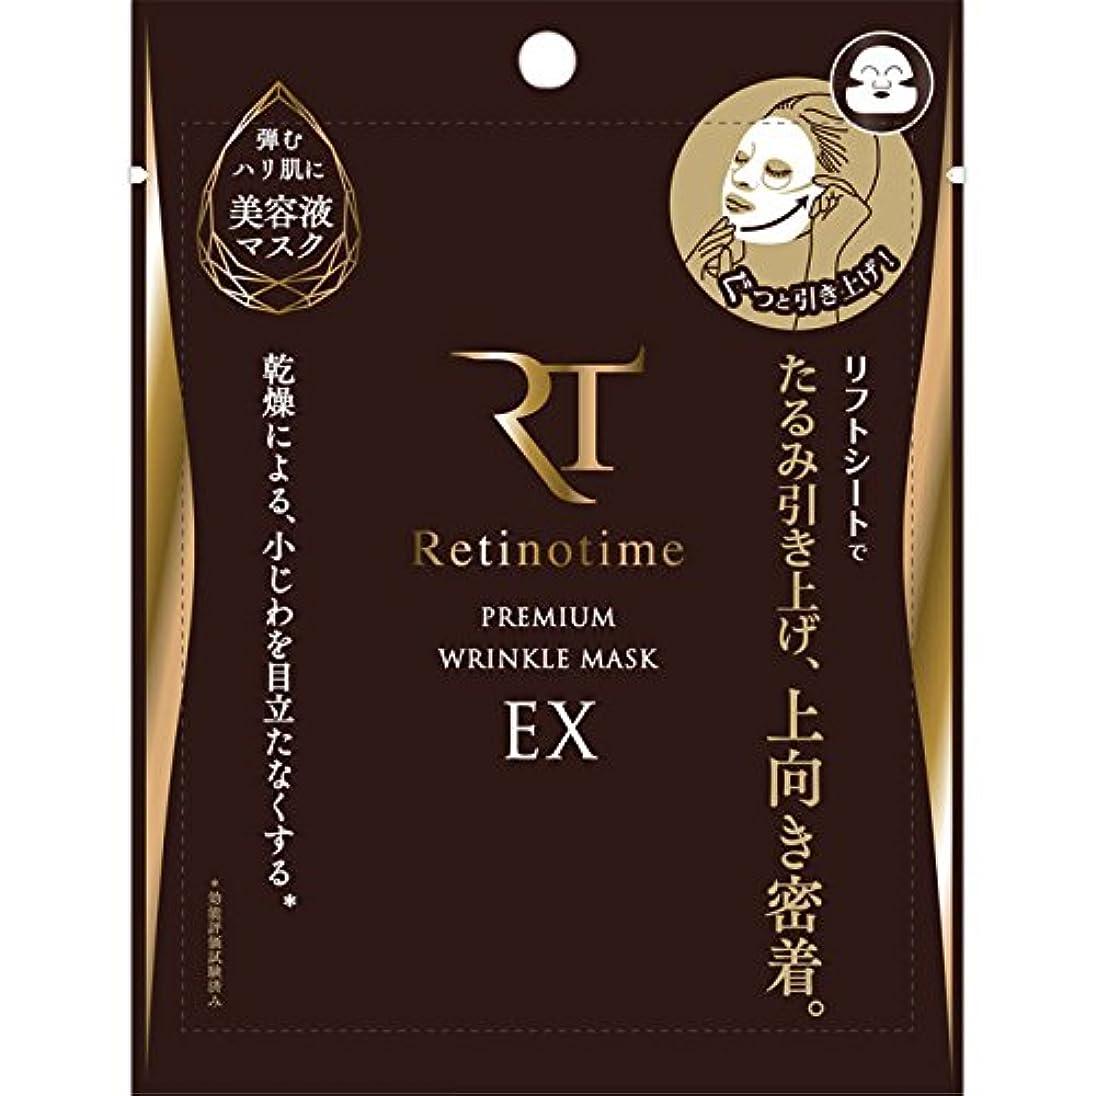 すでにビート疑わしいレチノタイム プレミアムリンクルマスク EX 1枚【26ml】